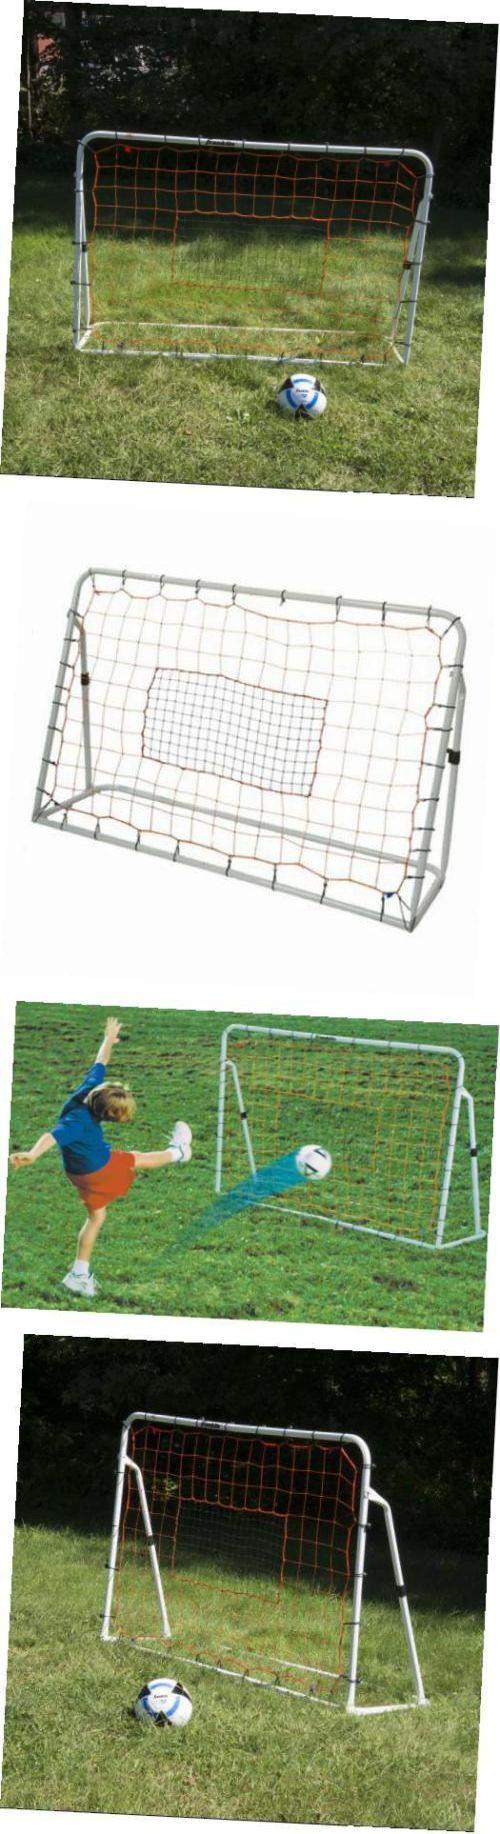 best 25 soccer rebounder ideas on pinterest soccer ball soccer